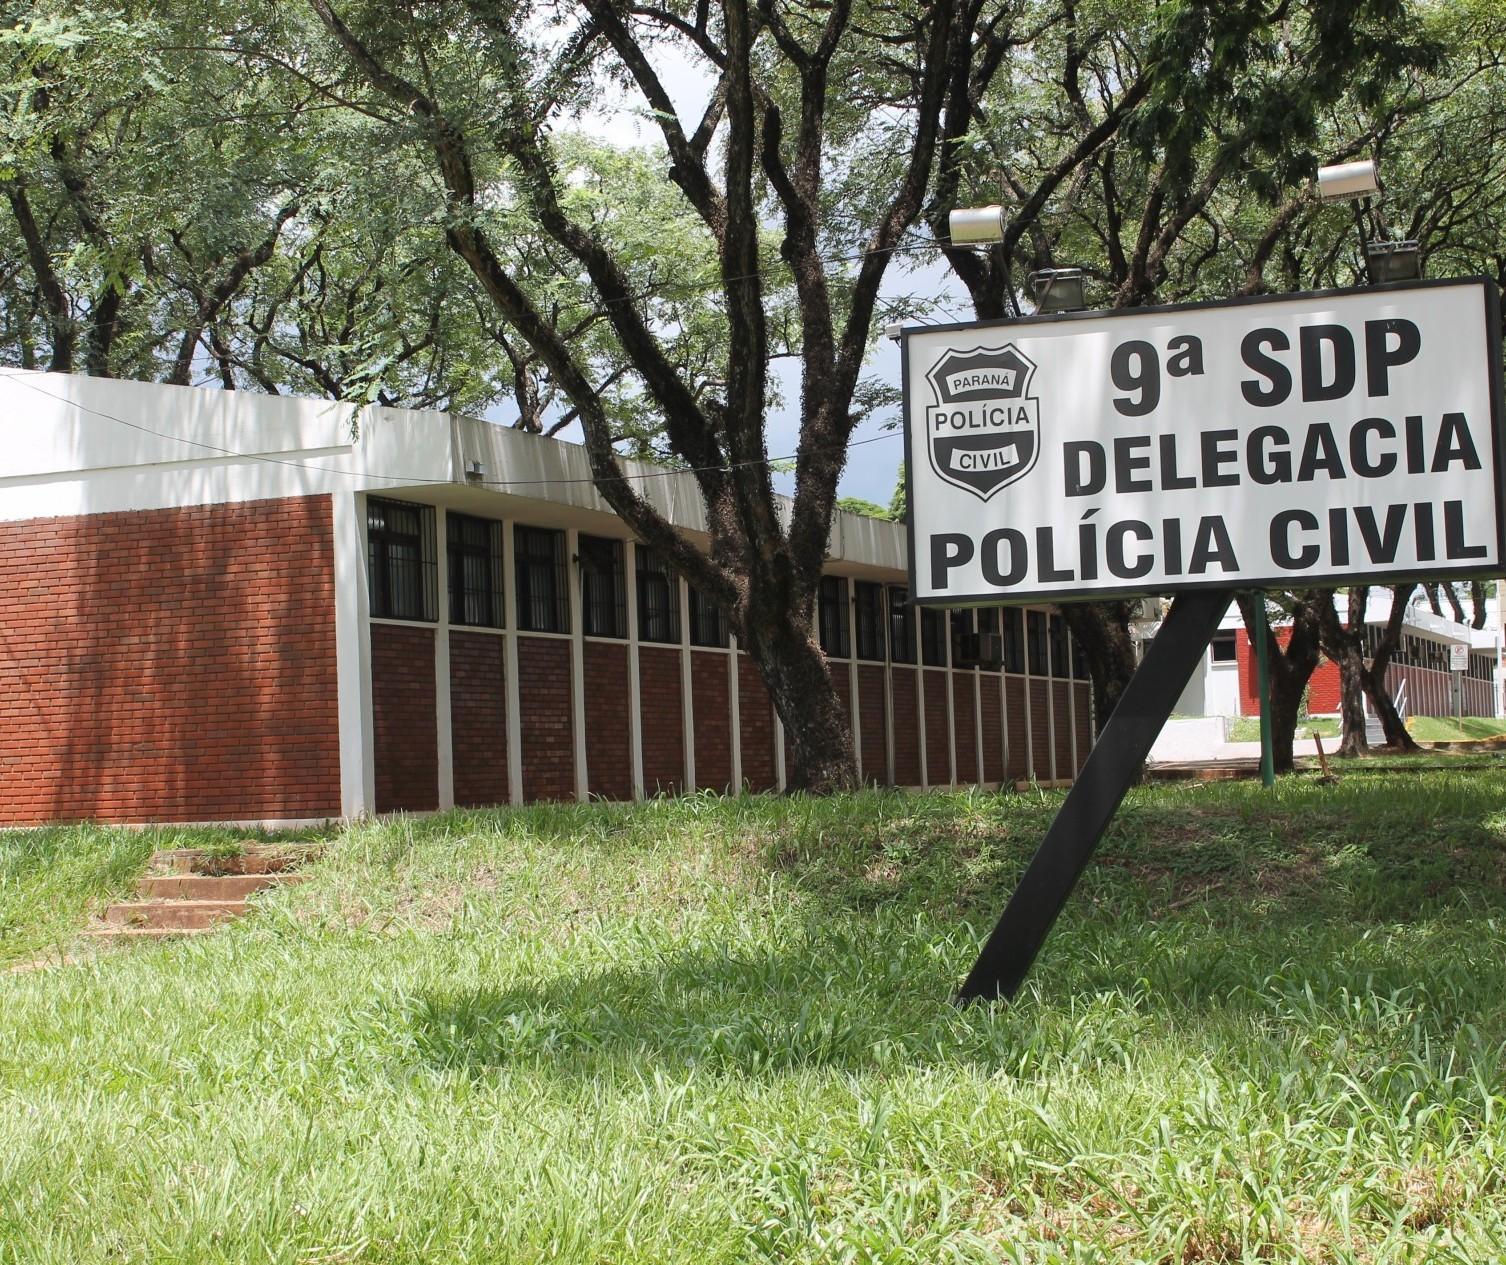 Conseg não poderá administrar a guarda de veículos apreendidos pela Polícia Civil